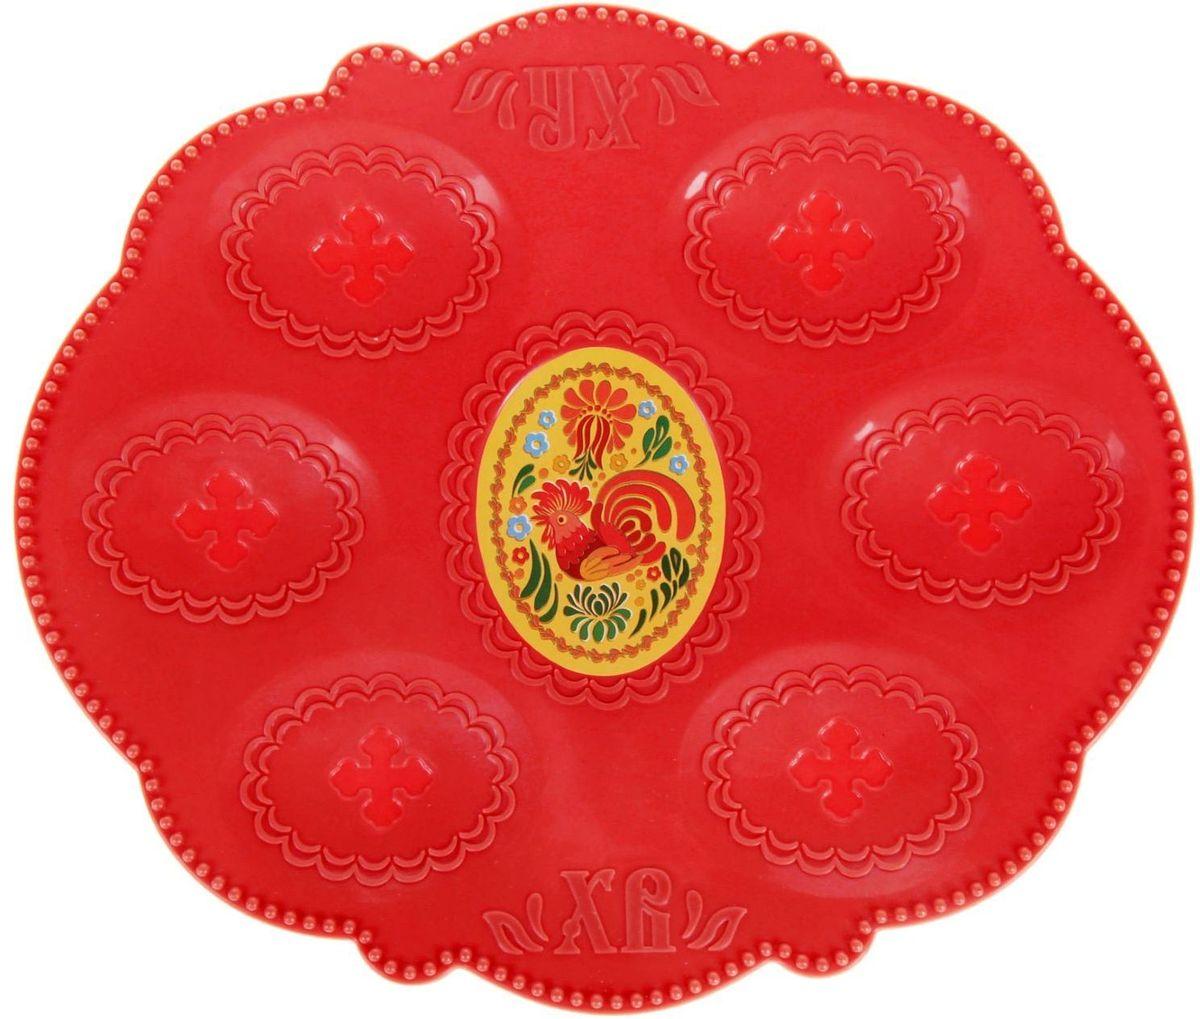 Подставка пасхальная Петушок, для 6 яиц, 21 х 18 см. 1002598VT-1520(SR)Пасхальная подставка для 6 яиц изготовлена из качественного пластика, в центре имеется яркая вставка. Аксессуар станет достойным украшением праздничного стола, создаст радостное настроение и наполнит пространство вашего дома благостной энергией на весь год вперёд.Подставка будет ценным памятным подарком для родных, друзей и коллег.Радости, добра и света вам и вашим близким!